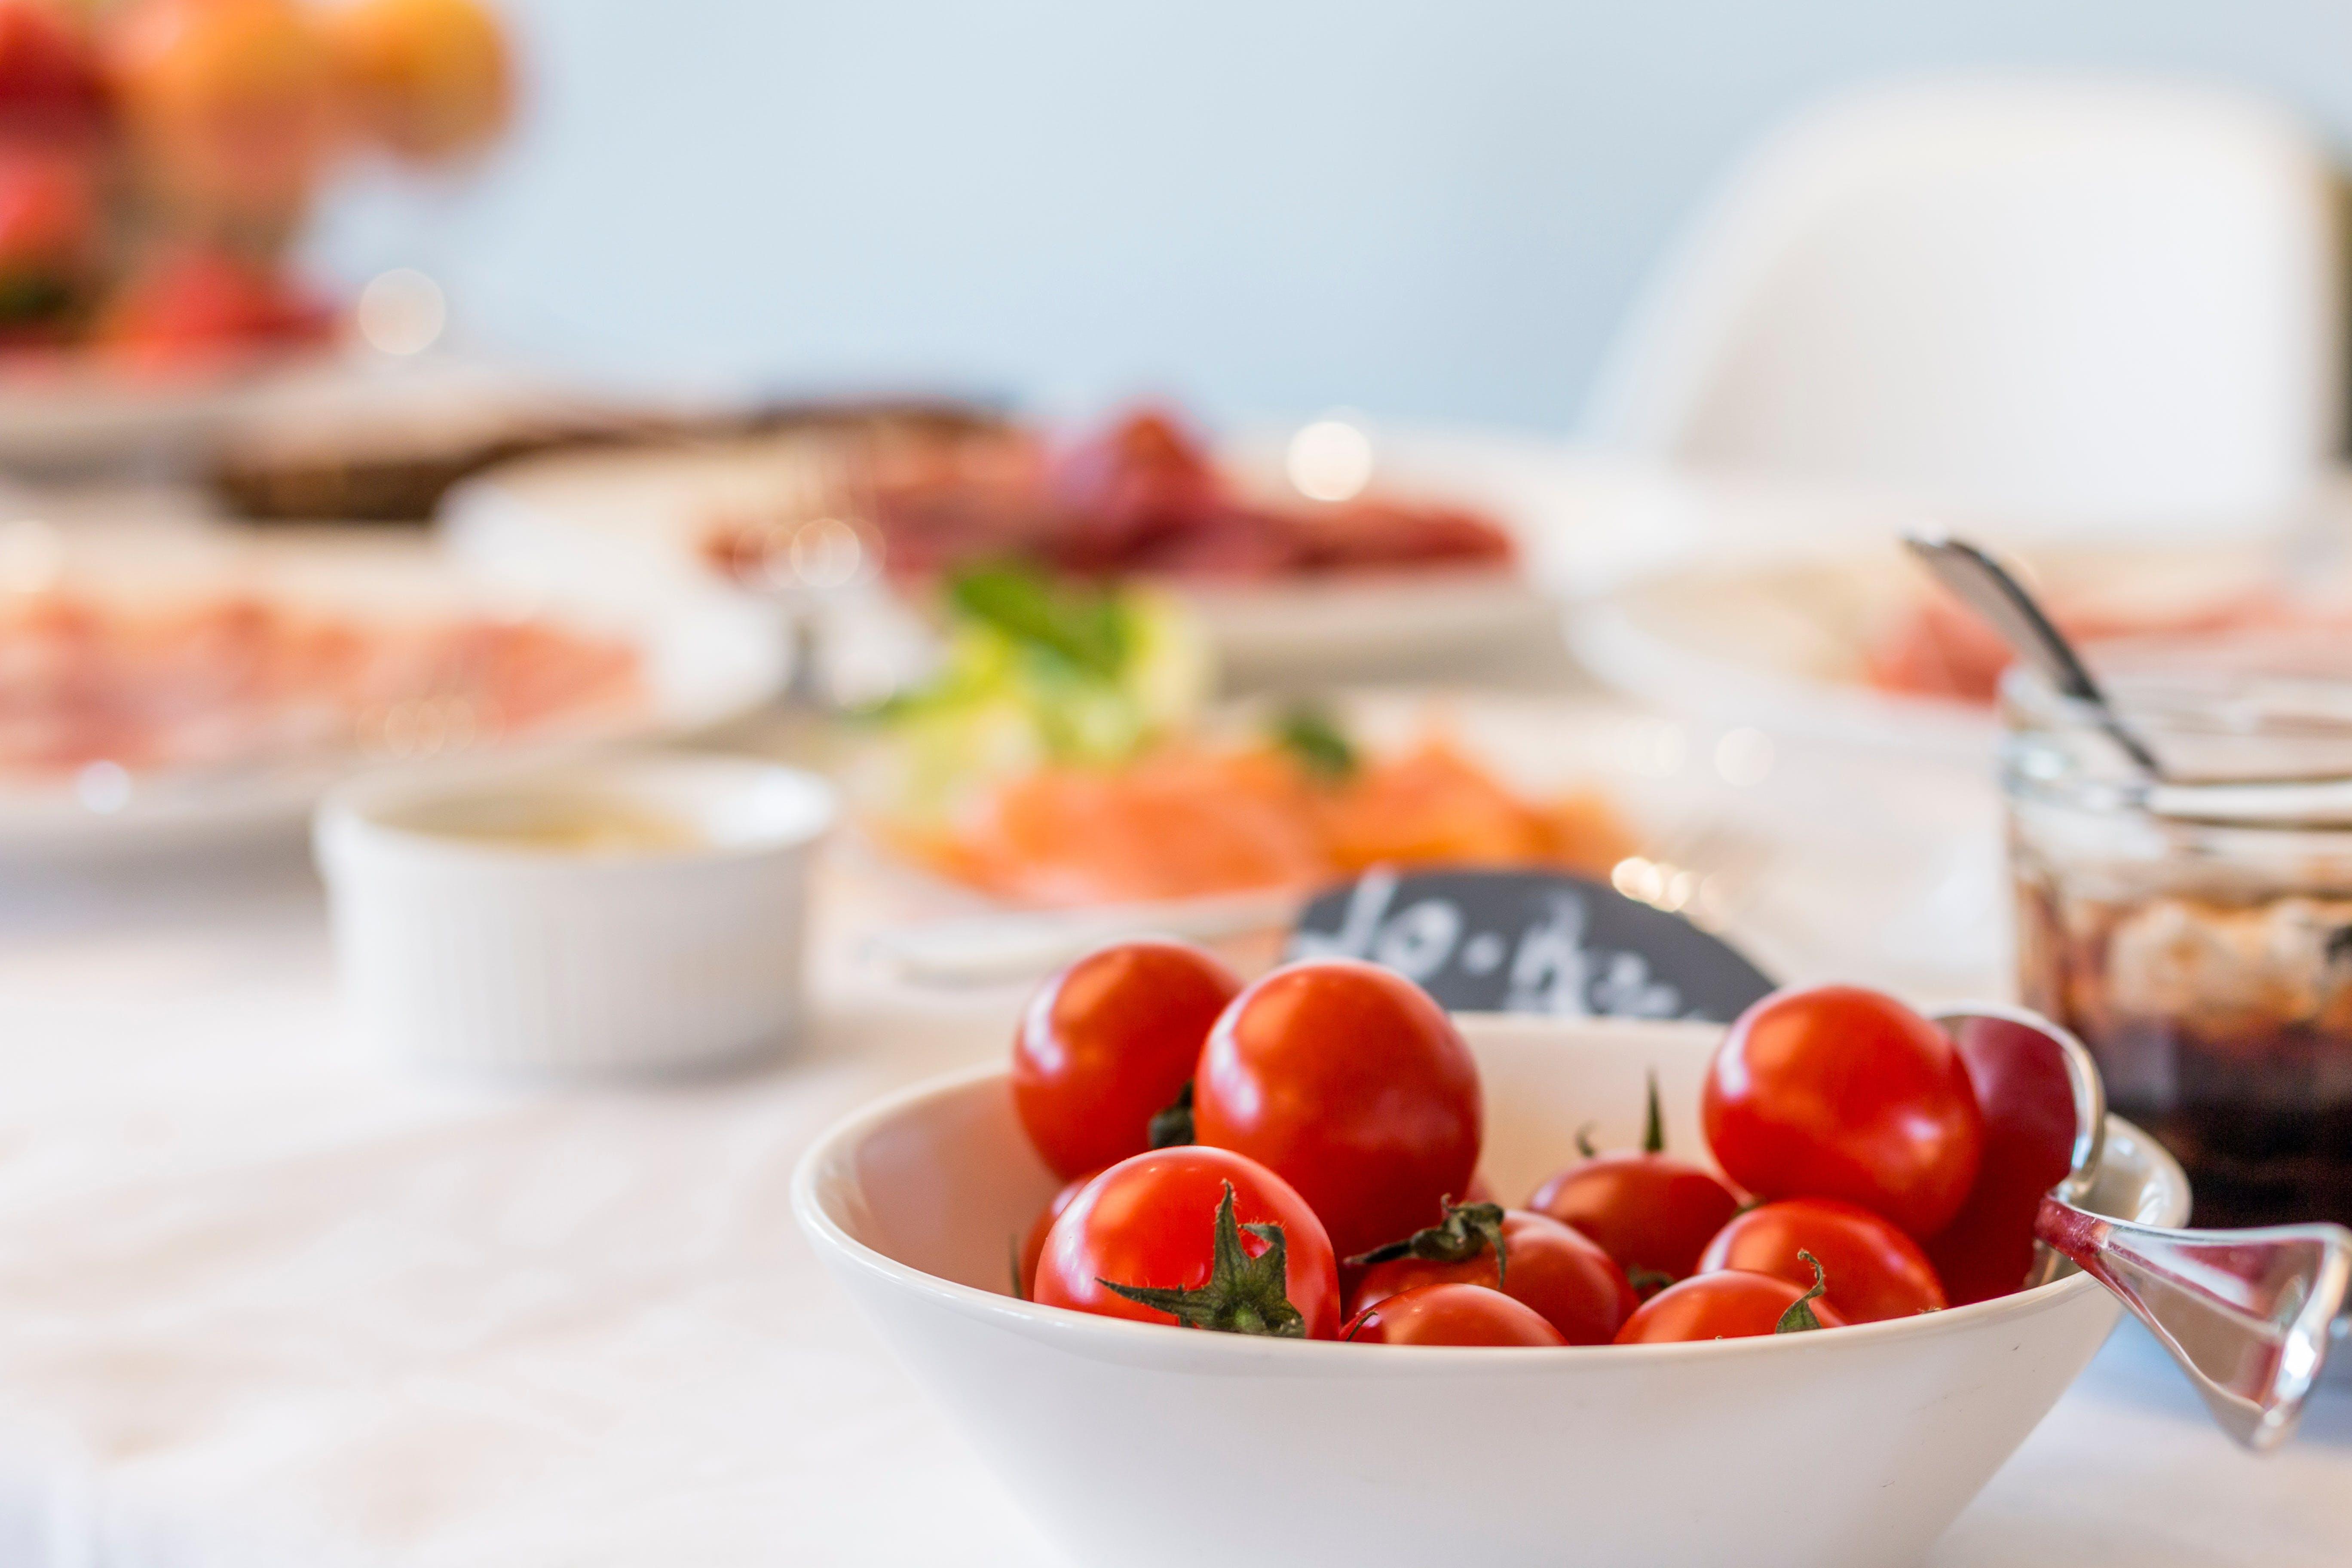 Tomatoes on White Bowl